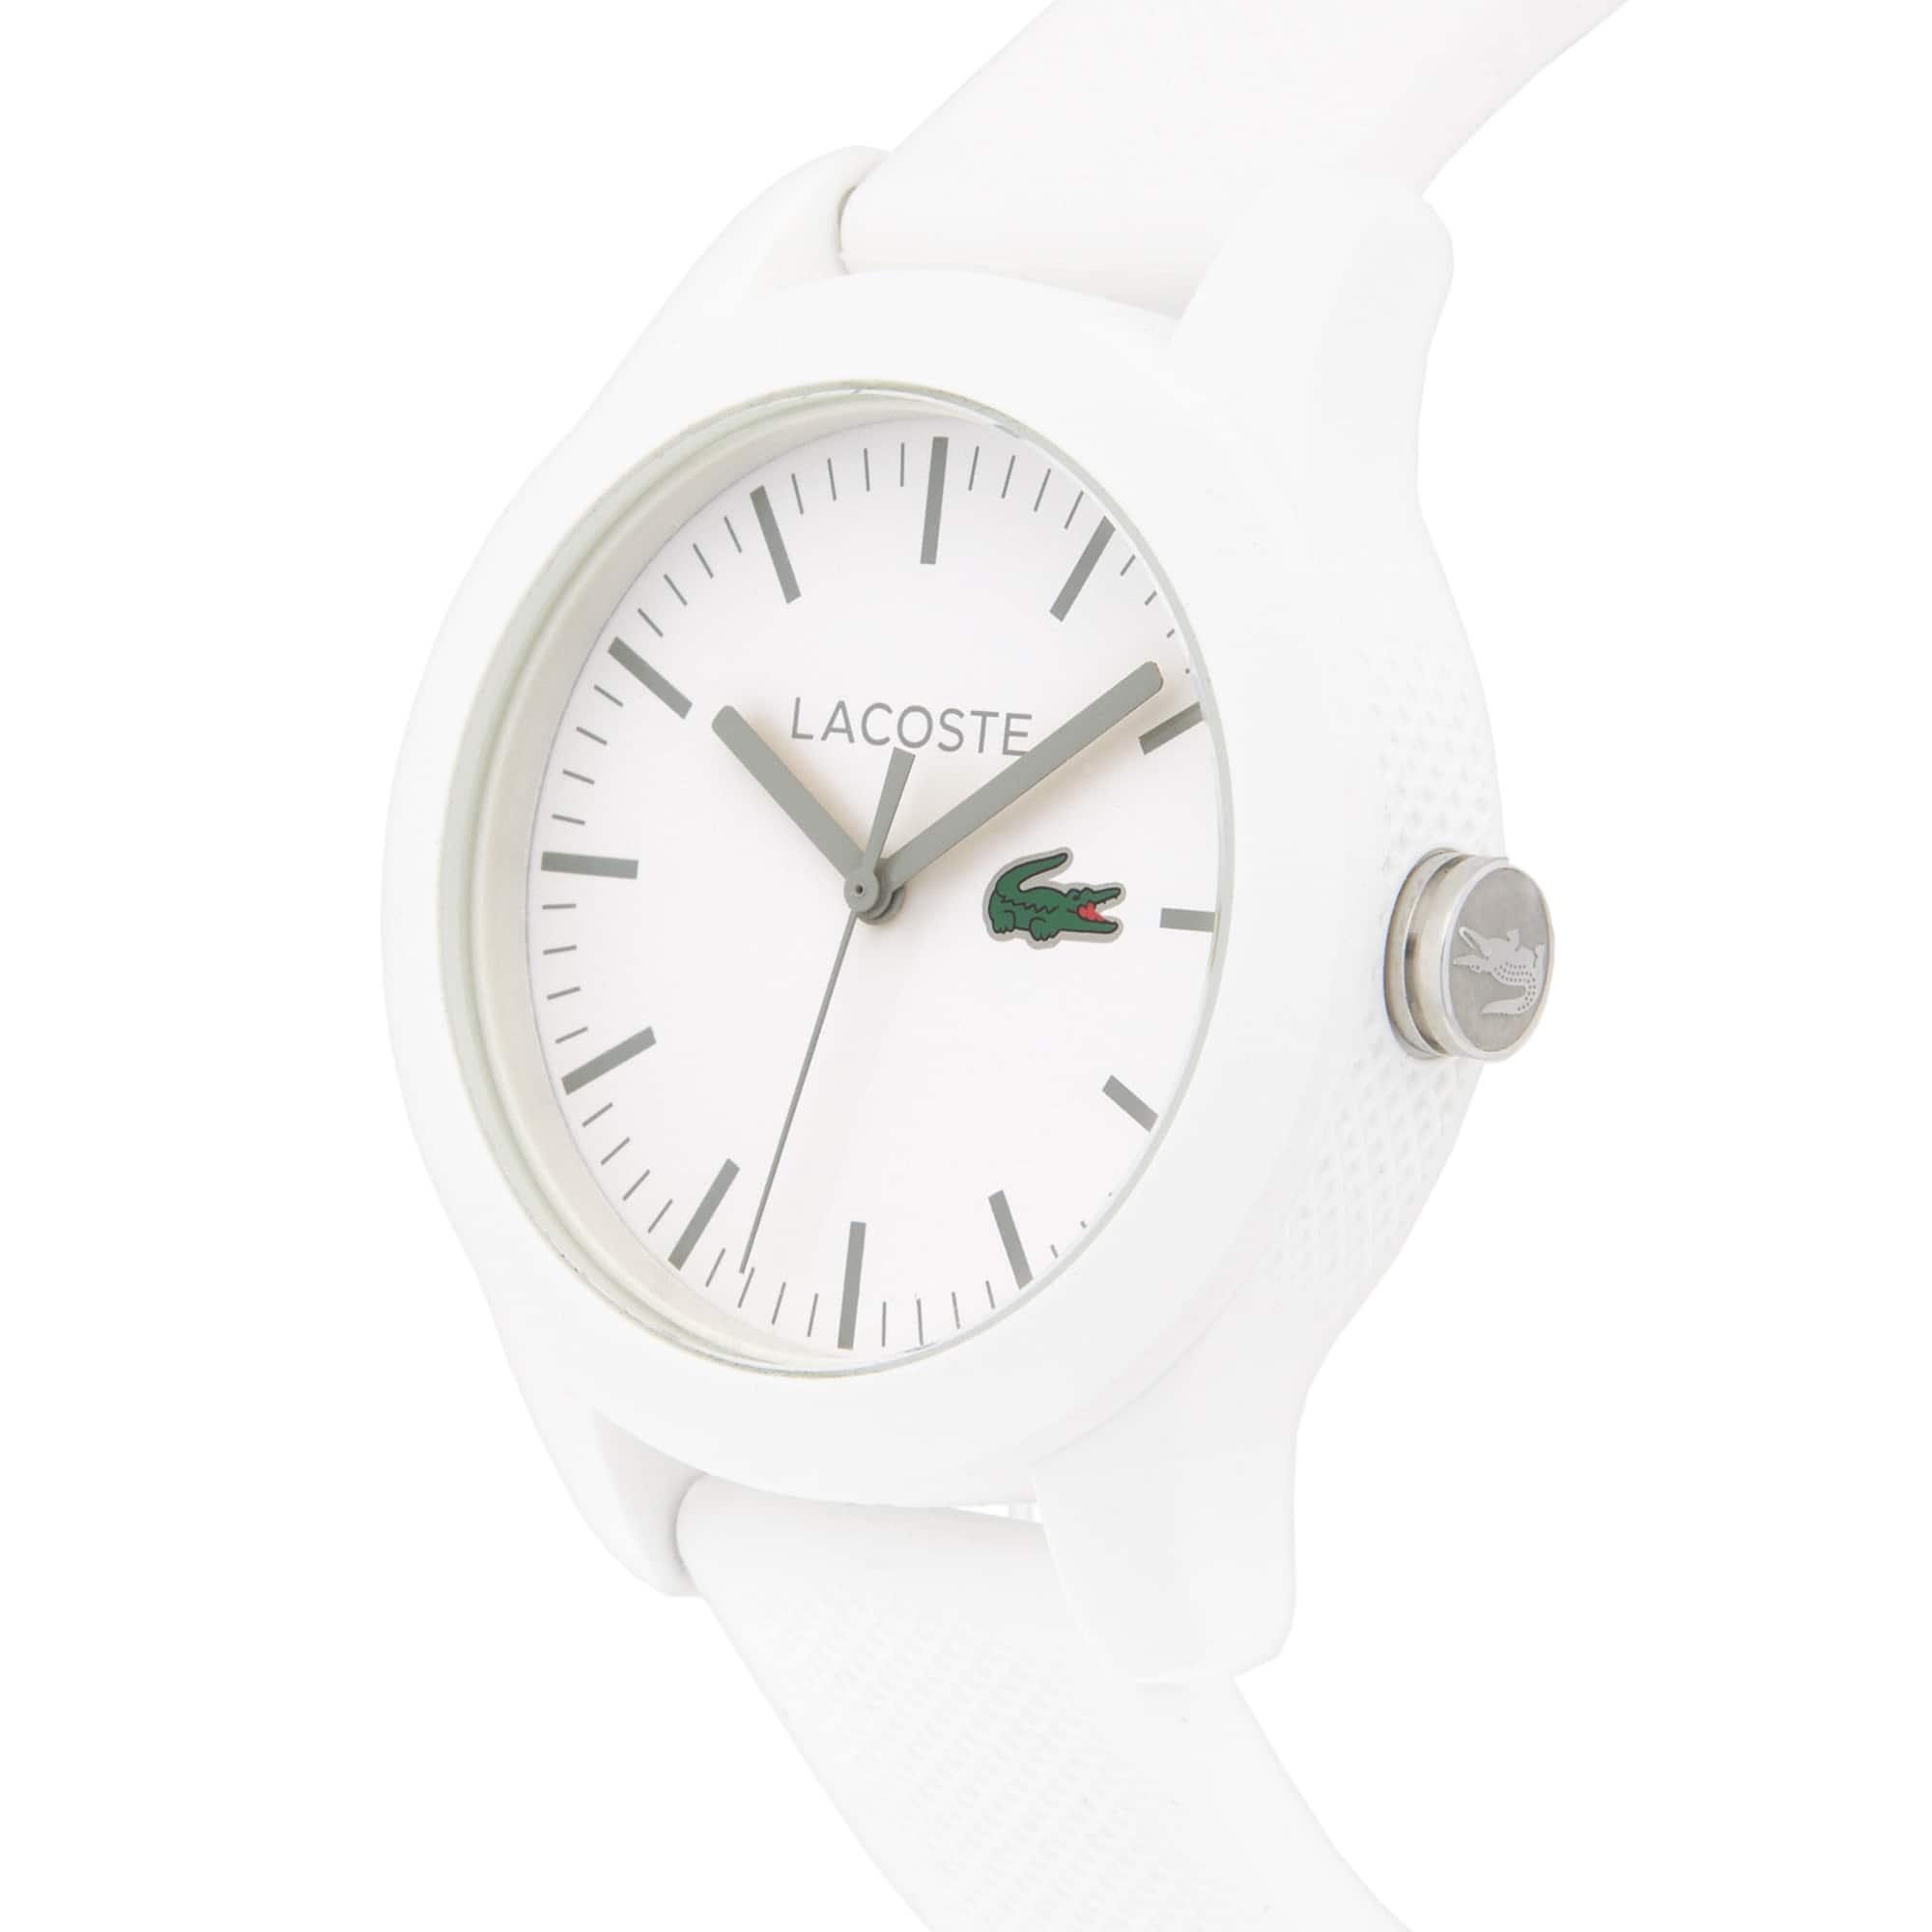 LACOSTE 12.12 Herrenuhr mit weißem Silikonband